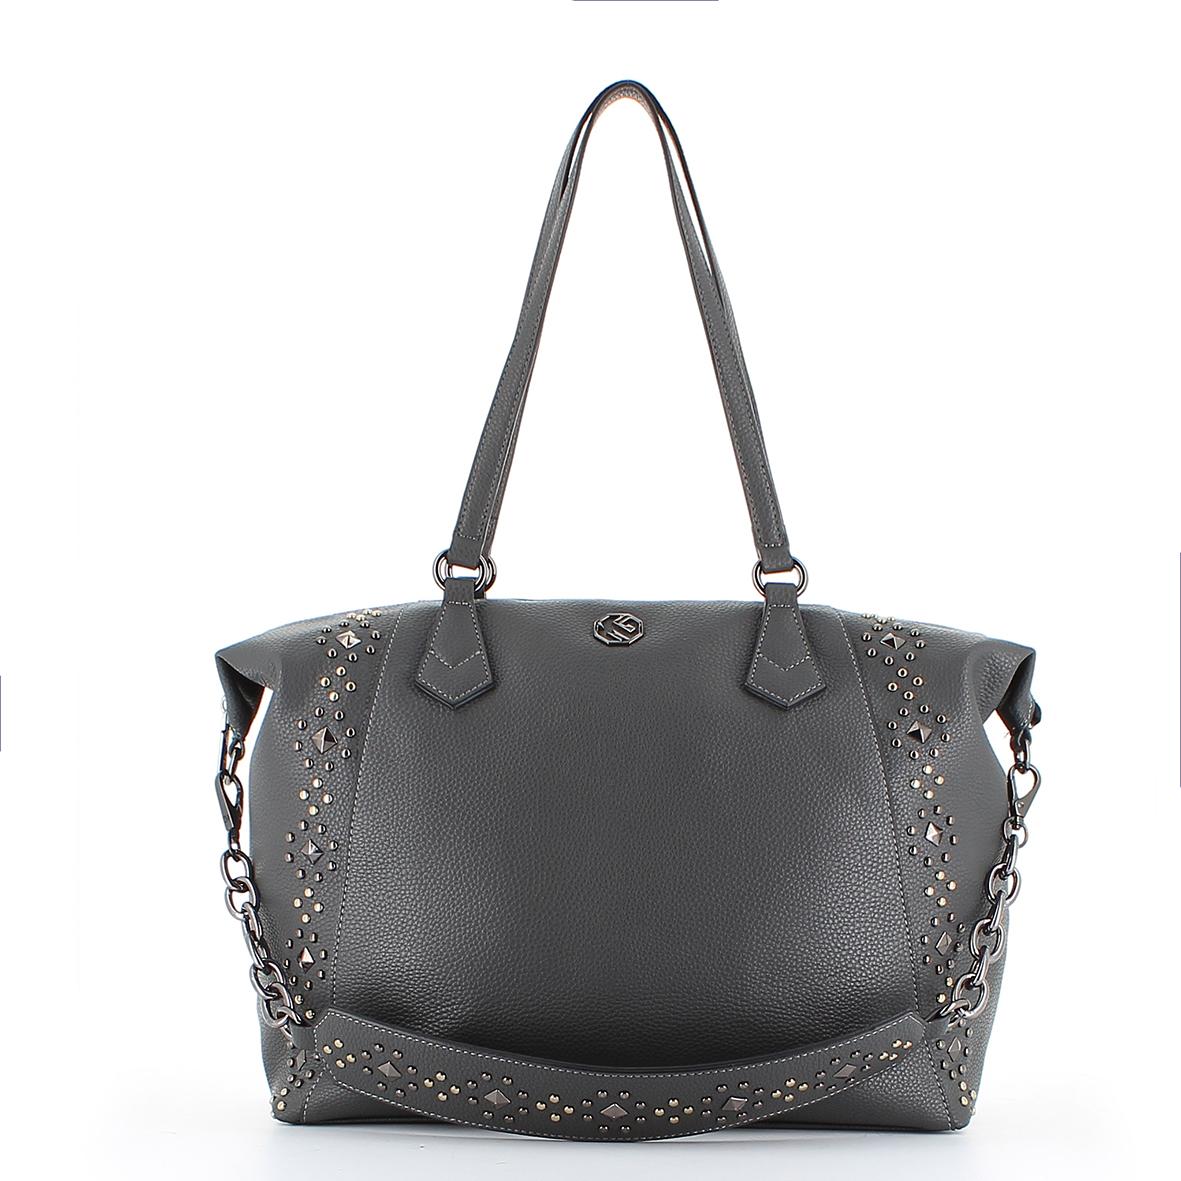 Grand sac noir | Sacs pour femmes en ligne